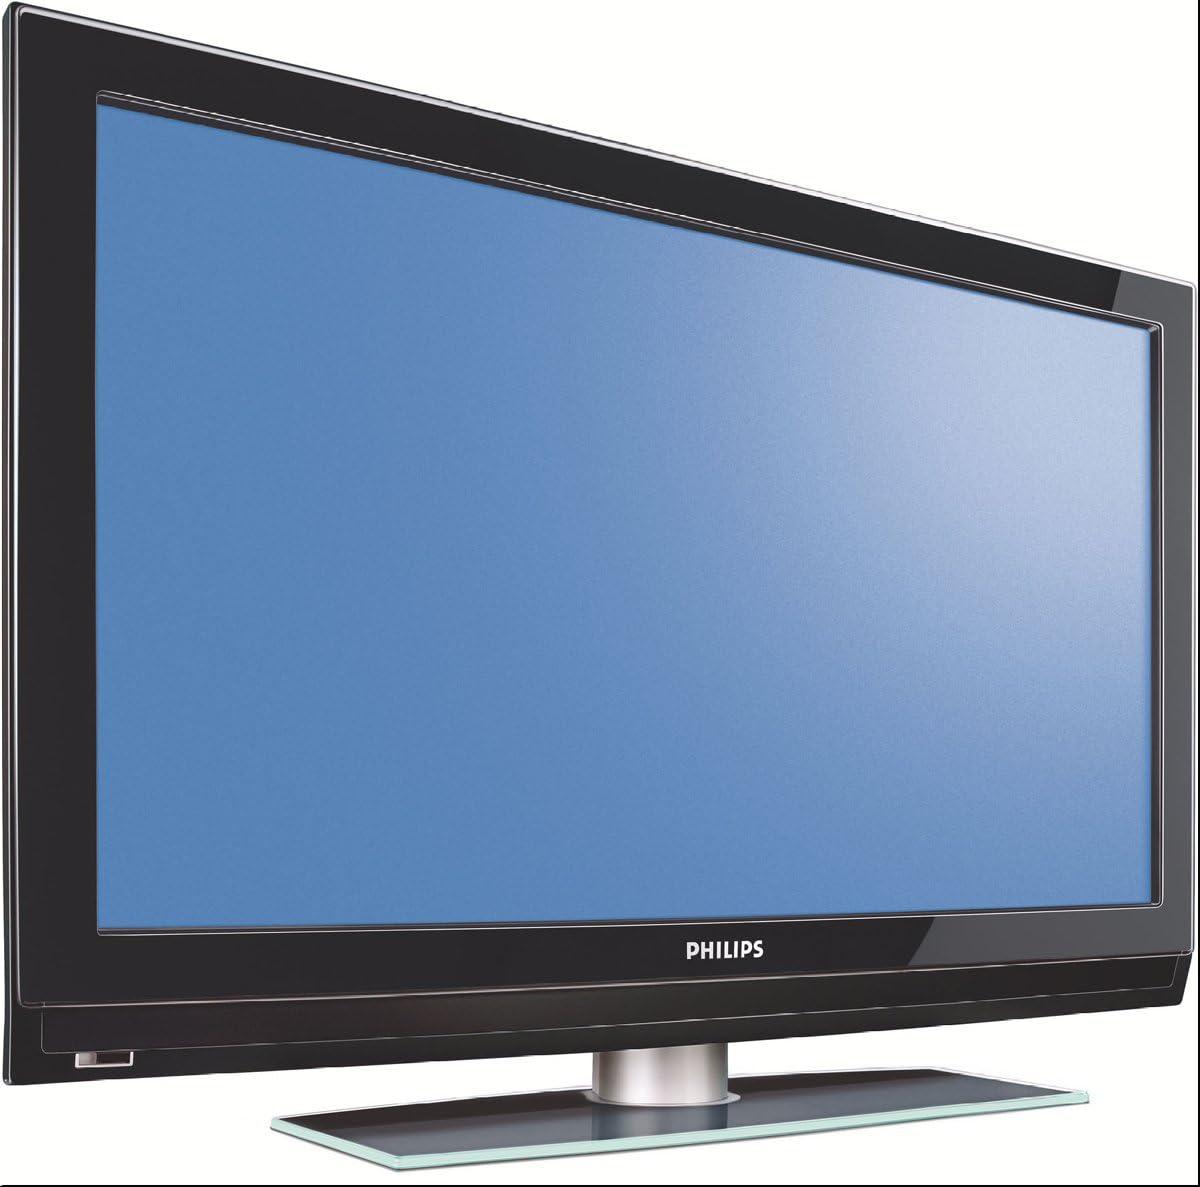 Philips 42PFL7662D - Televisión Full HD, Pantalla LCD 42 pulgadas ...